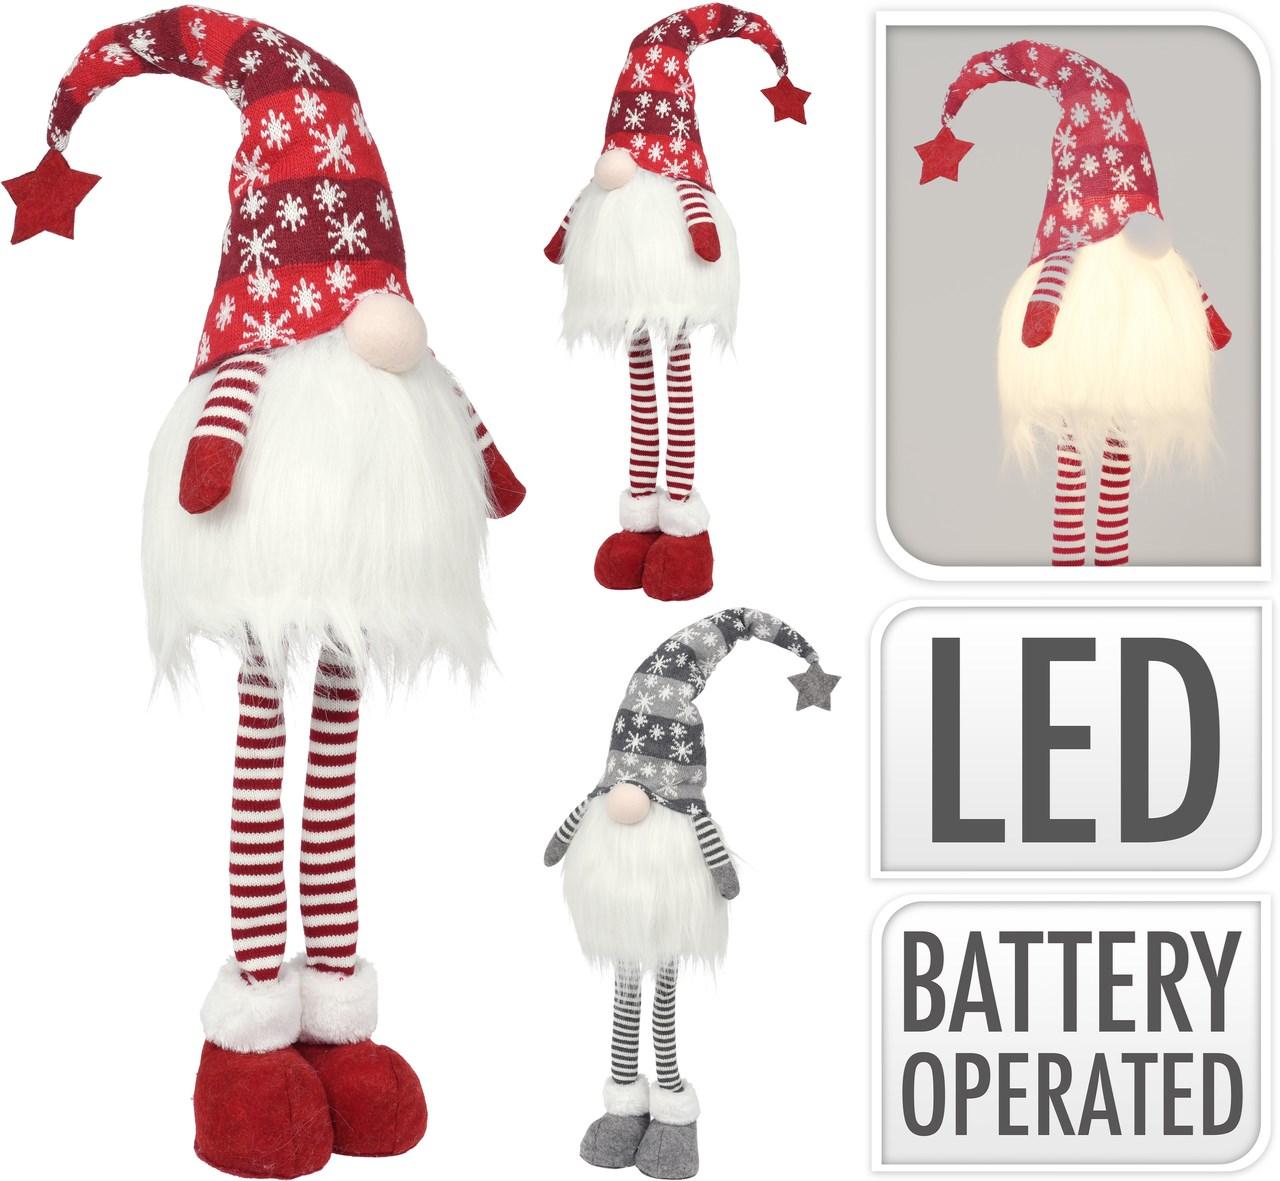 Škriatok textilný LED 90 cm 1ks